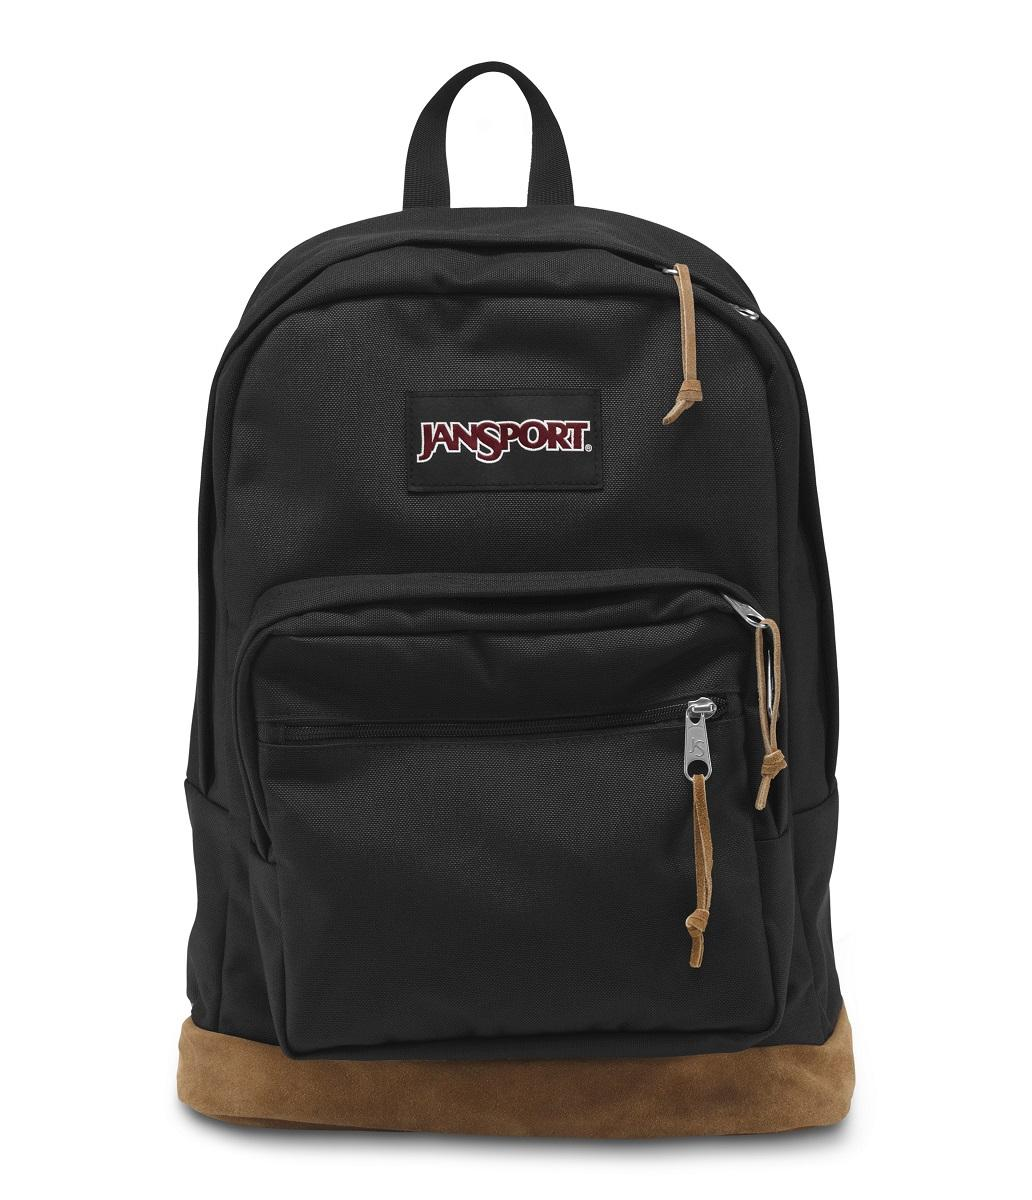 Tas Ransel JanSport Right Pack Original Black